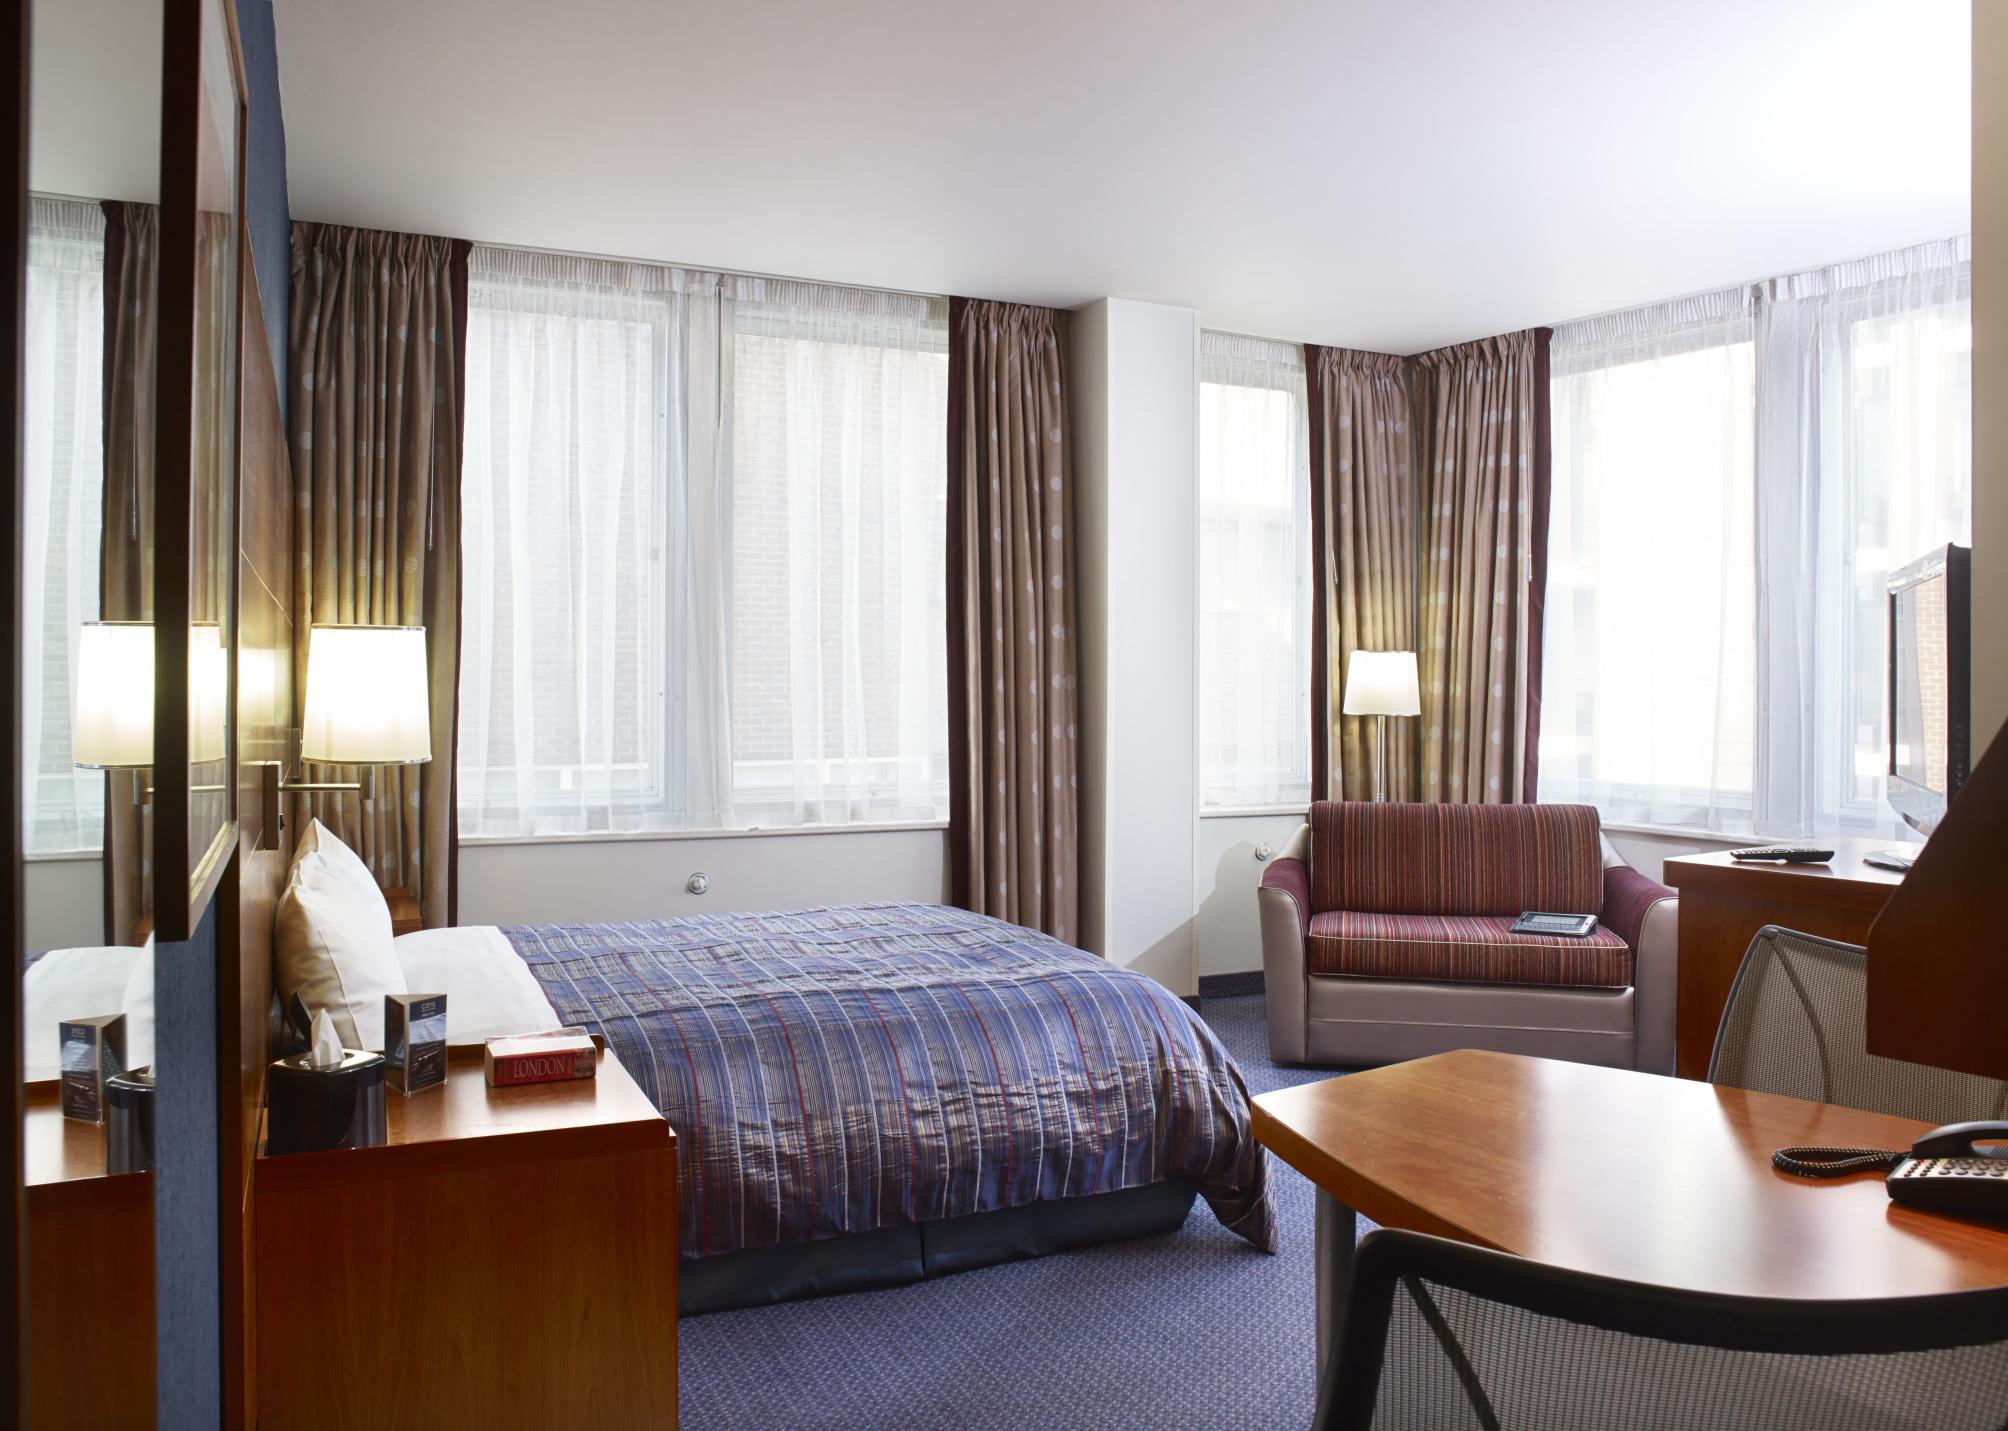 Hotel Club Quarters St. Pauls thumb-4